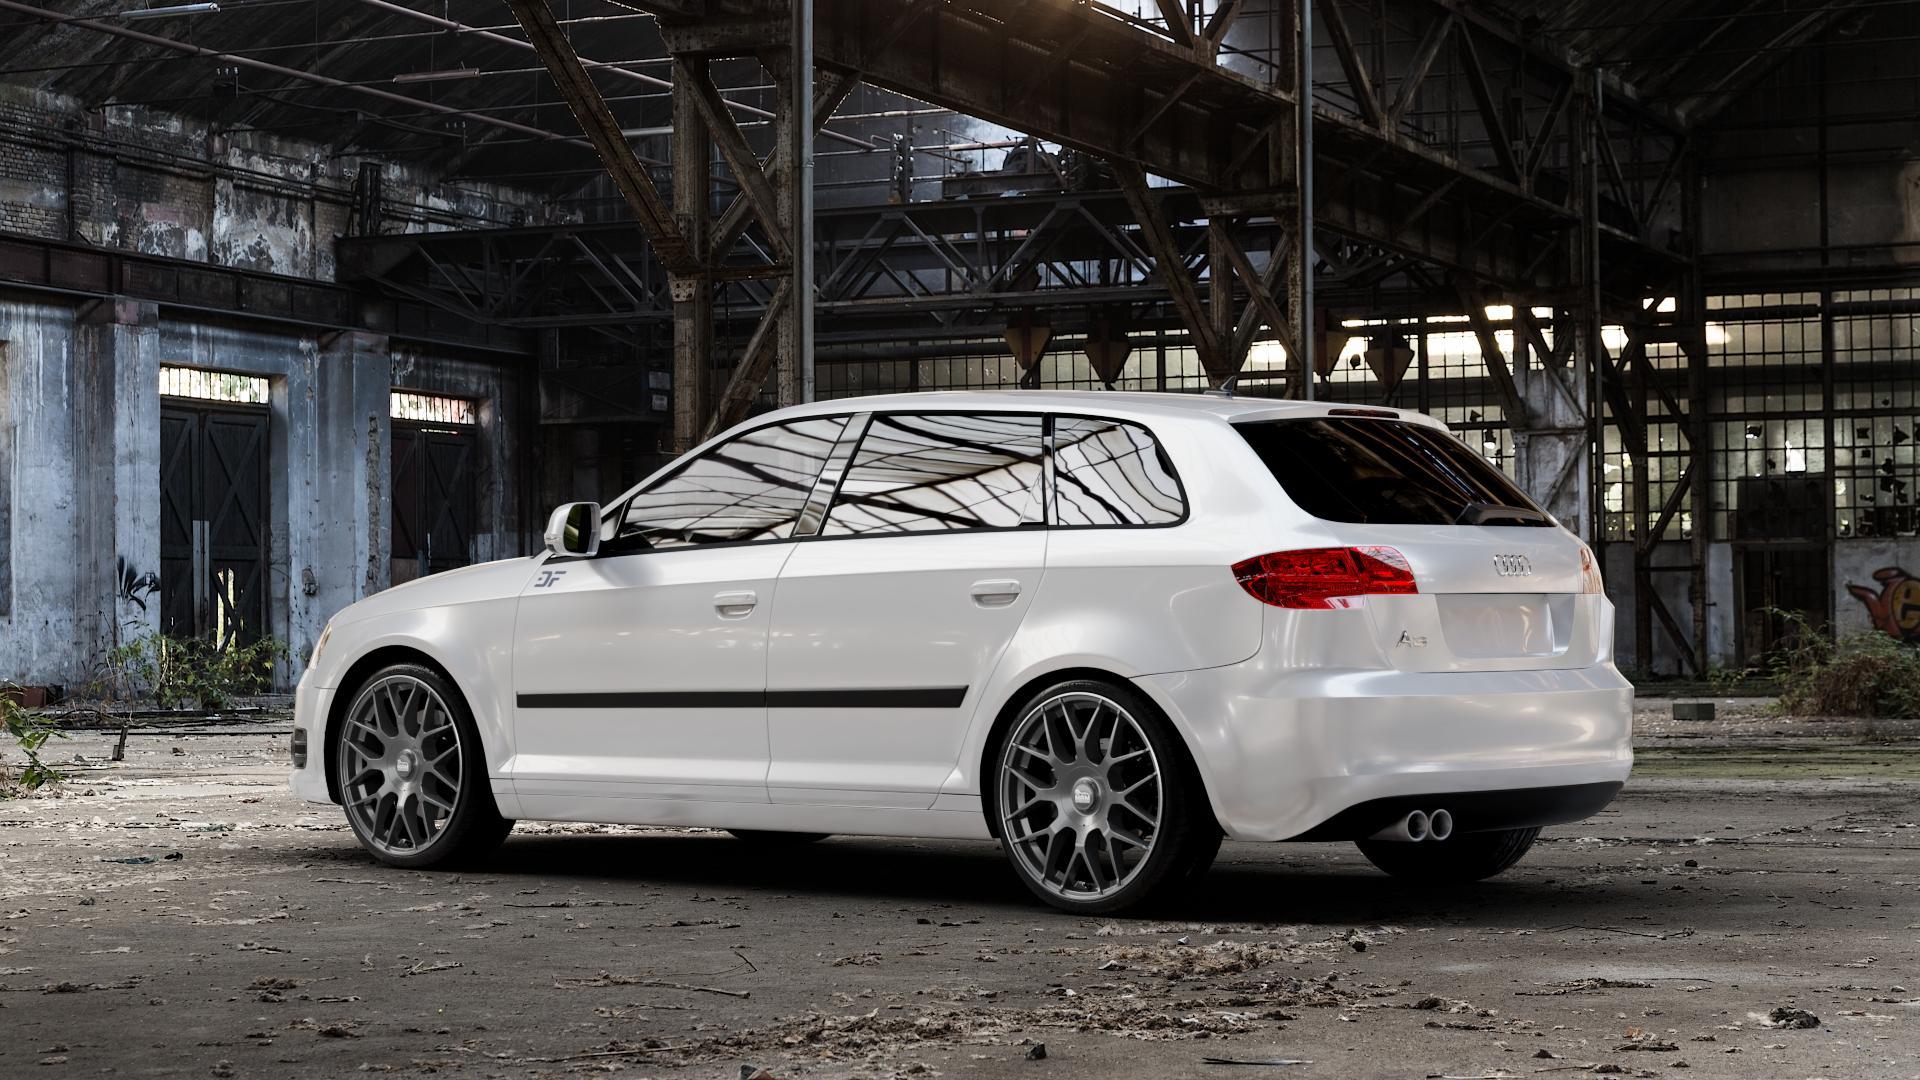 MAM GT1 PALLADIUM LIP POLISH Felge mit Reifen in 19Zoll Winterfelge Alufelge auf weissem Audi A3 Typ 8P (Sportback) 1,6l 75kW (102 PS) 2,0l FSI 110kW (150 1,9l TDI 77kW (105 103kW (140 TFSI 147kW (200 85kW (116 100kW (136 1,8l 118kW (160 125kW (170 1,4l 92kW (125 120kW (163 quattro 3,2l V6 184kW (250 S3 195kW (265 1,2l 66kW (90 18